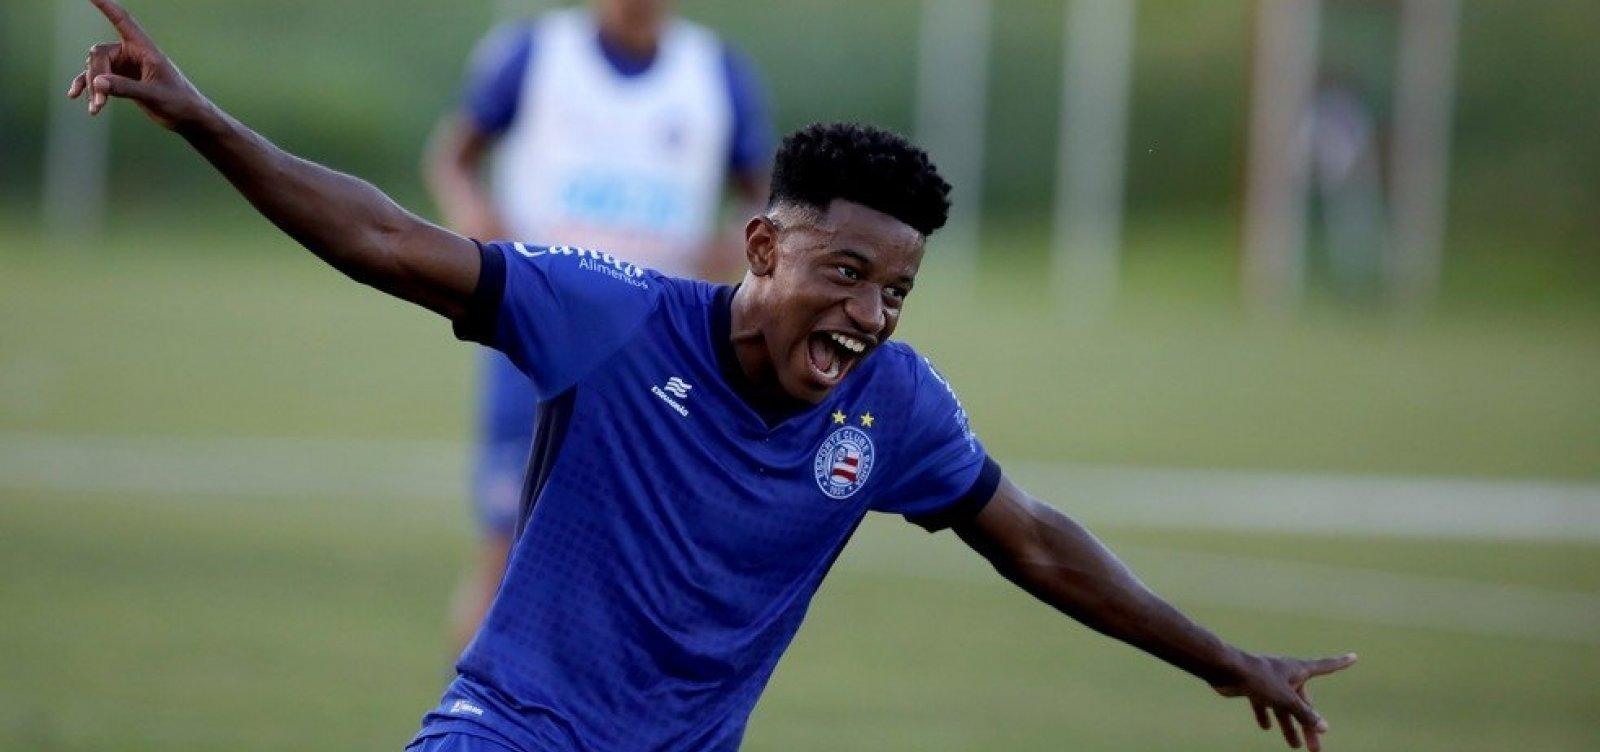 Sem acordo por nova transferência, Eric Ramires volta ao Bahia com futuro incerto